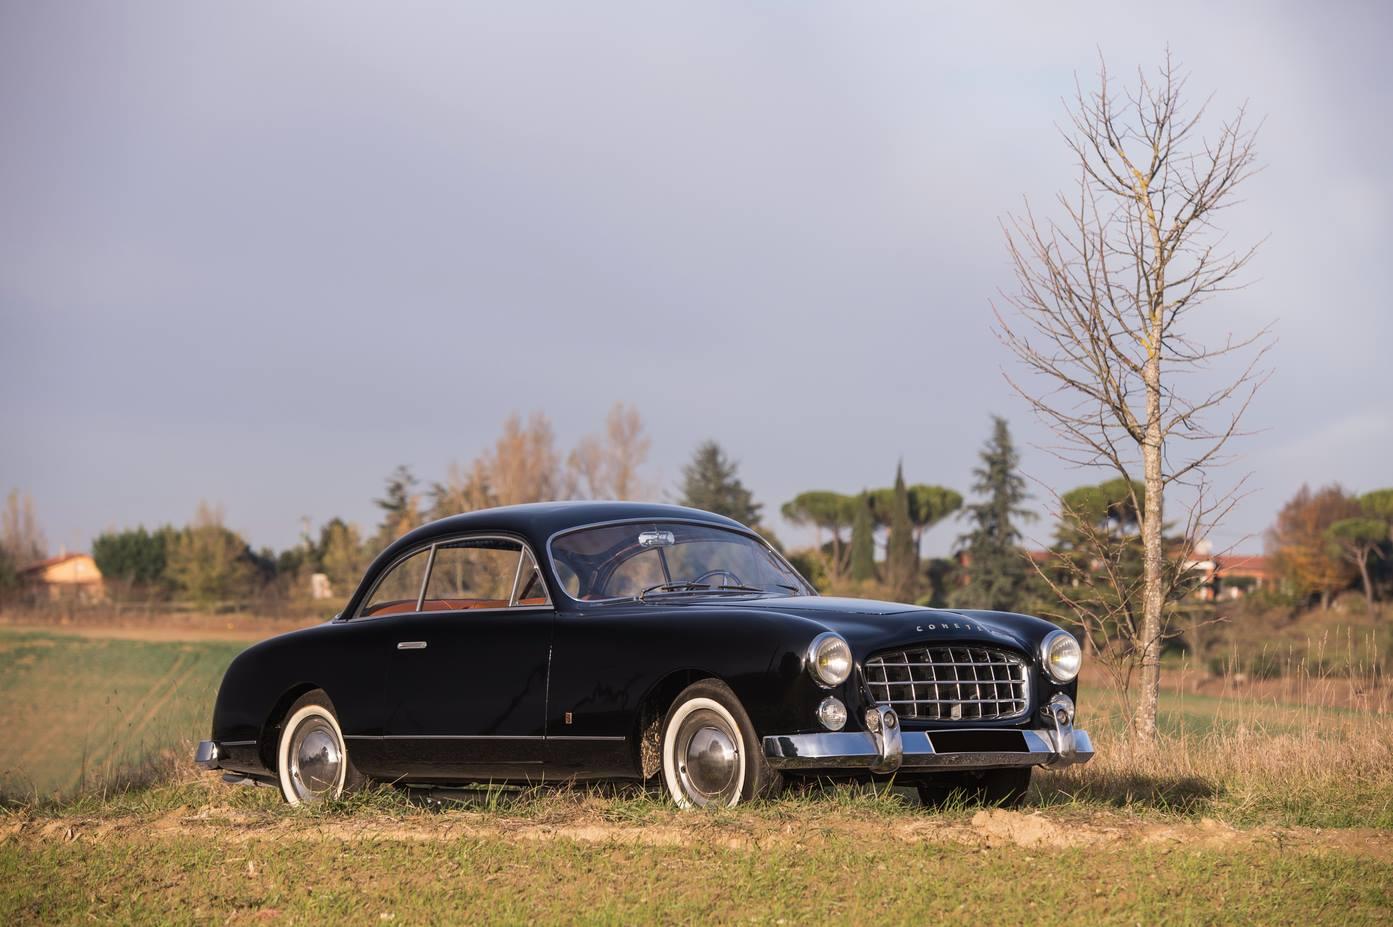 Ford-Comete-1951--1954-20